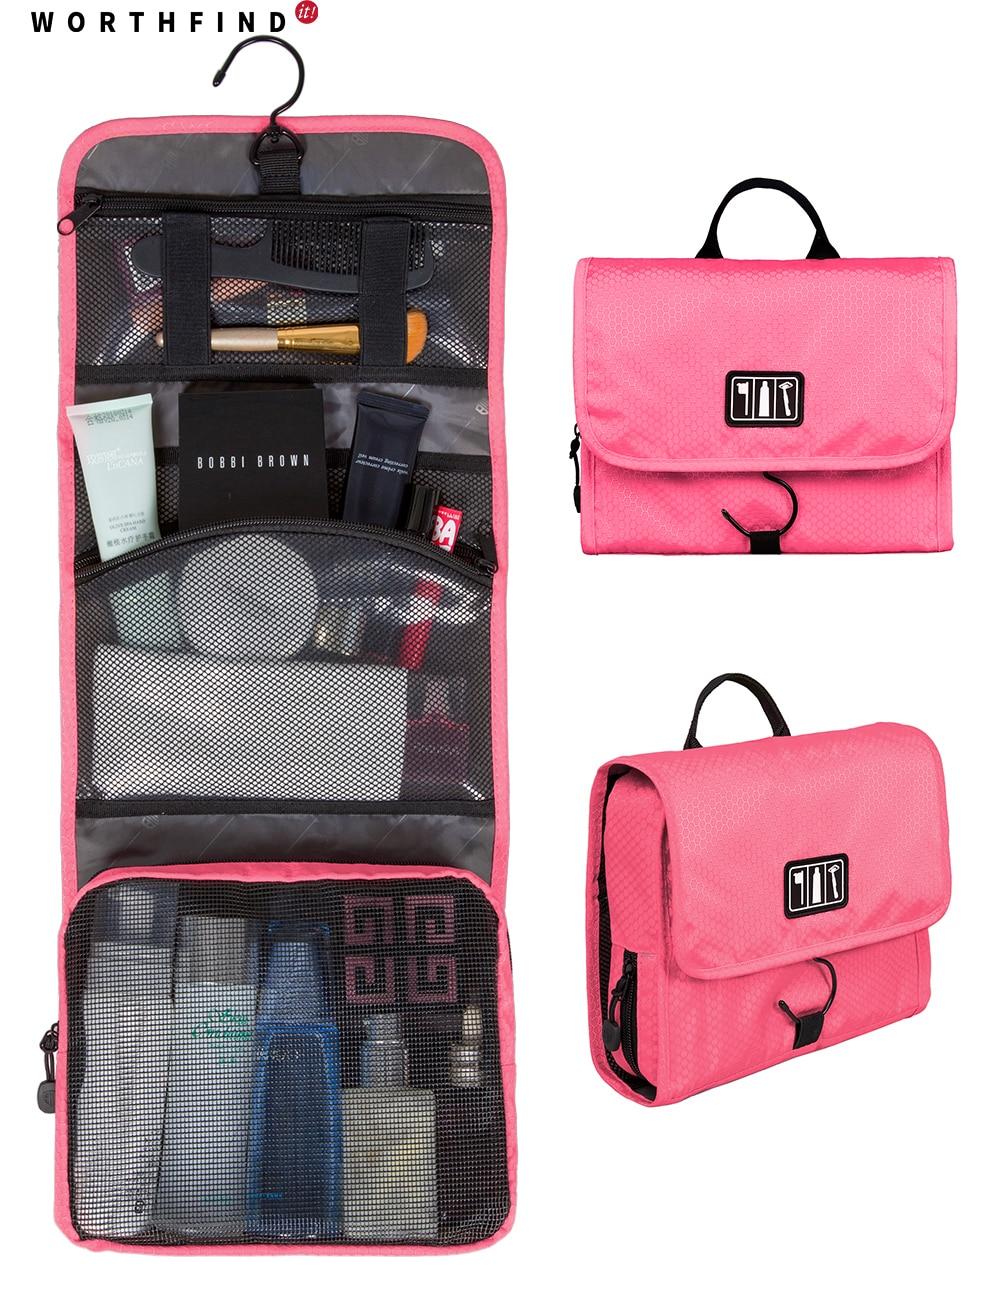 worthfind toiletry makeup bag waterproof cosmetic bag. Black Bedroom Furniture Sets. Home Design Ideas